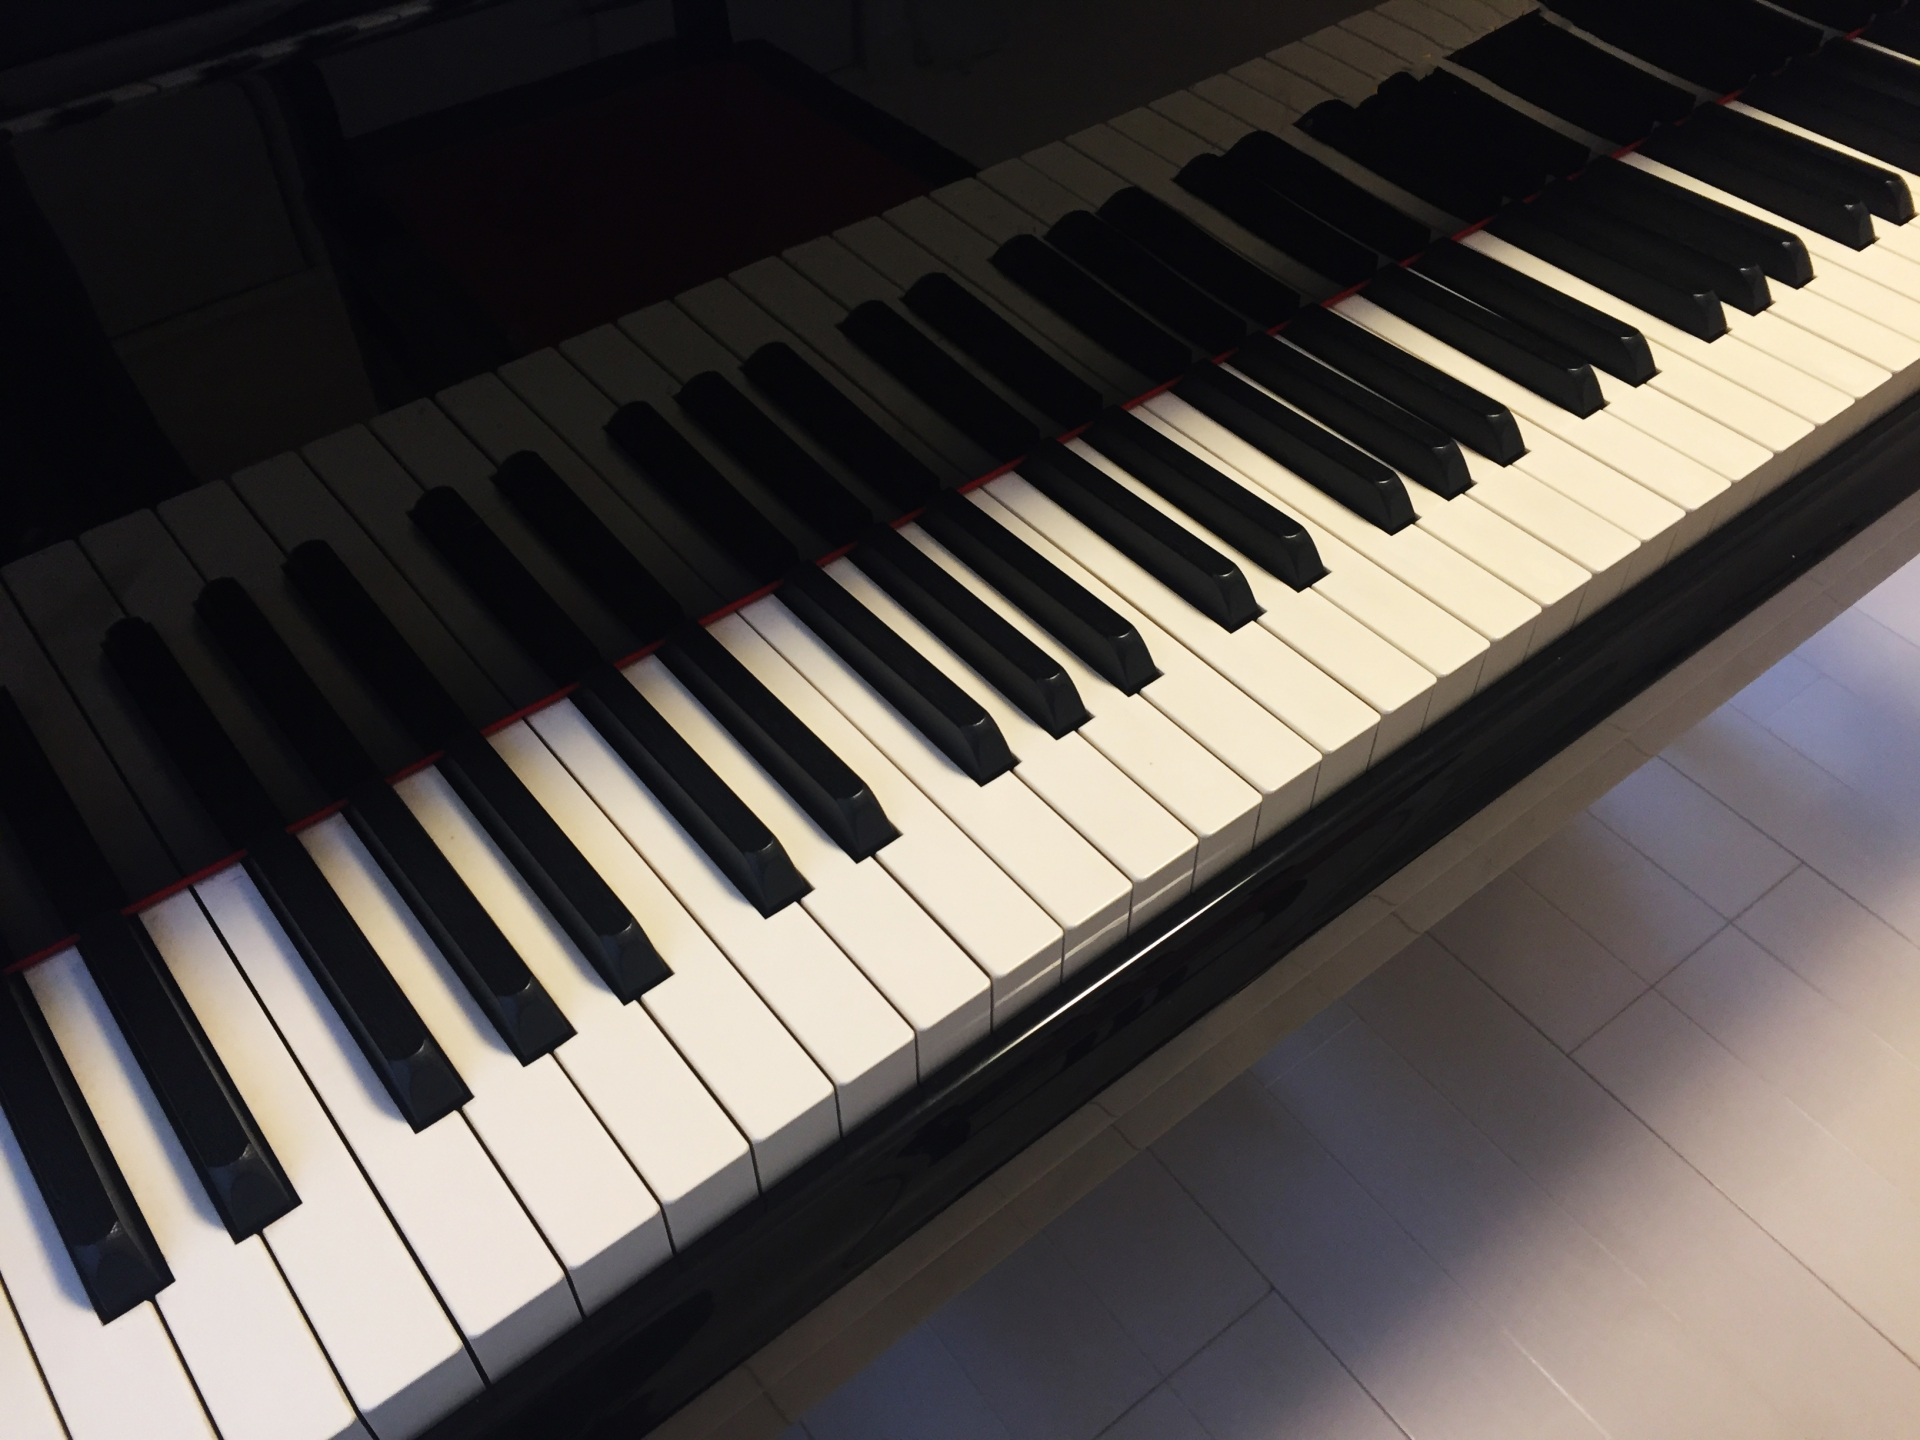 ピアノのフォルテ。力強く奥が深い弾き方のコツとは